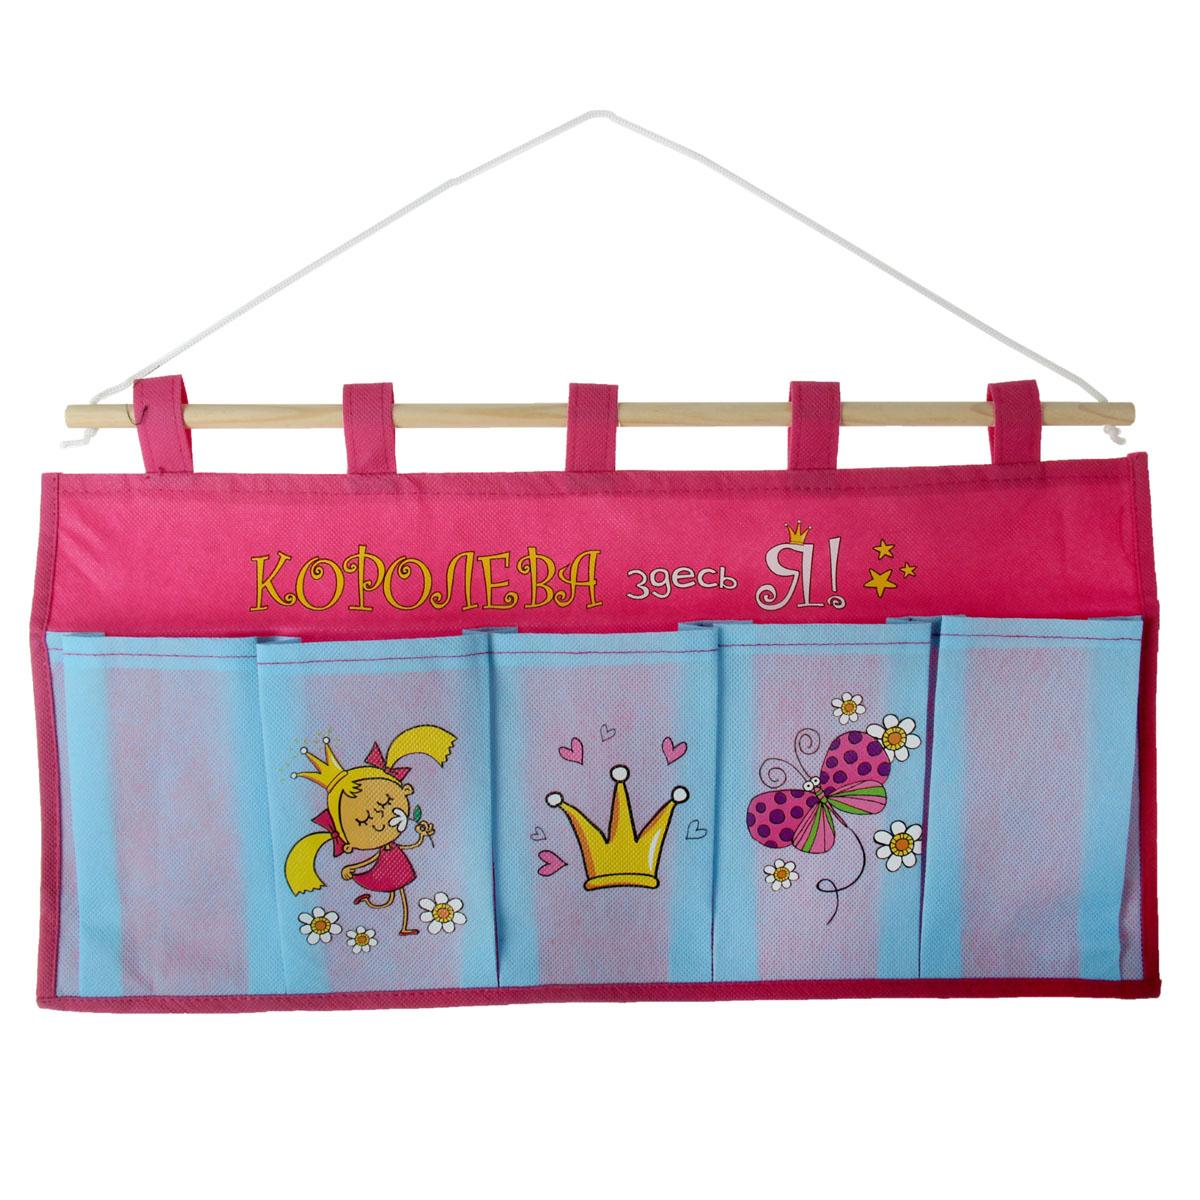 Кармашки на стену Sima-land Королева здесь я!, цвет: бордовый, голубой, желтый, 5 шт12723Кармашки на стену Sima-land «Королева здесь я!», изготовленные из текстиля, предназначены для хранения необходимых вещей, множества мелочей в гардеробной, ванной, детской комнатах. Изделие представляет собой текстильное полотно с пятью пришитыми кармашками. Благодаря деревянной планке и шнурку, кармашки можно подвесить на стену или дверь в необходимом для вас месте. Кармашки декорированы изображениями девочки, короны, бабочки и надписью «Королева здесь я!».Этот нужный предмет может стать одновременно и декоративным элементом комнаты. Яркий дизайн, как ничто иное, способен оживить интерьер вашего дома.